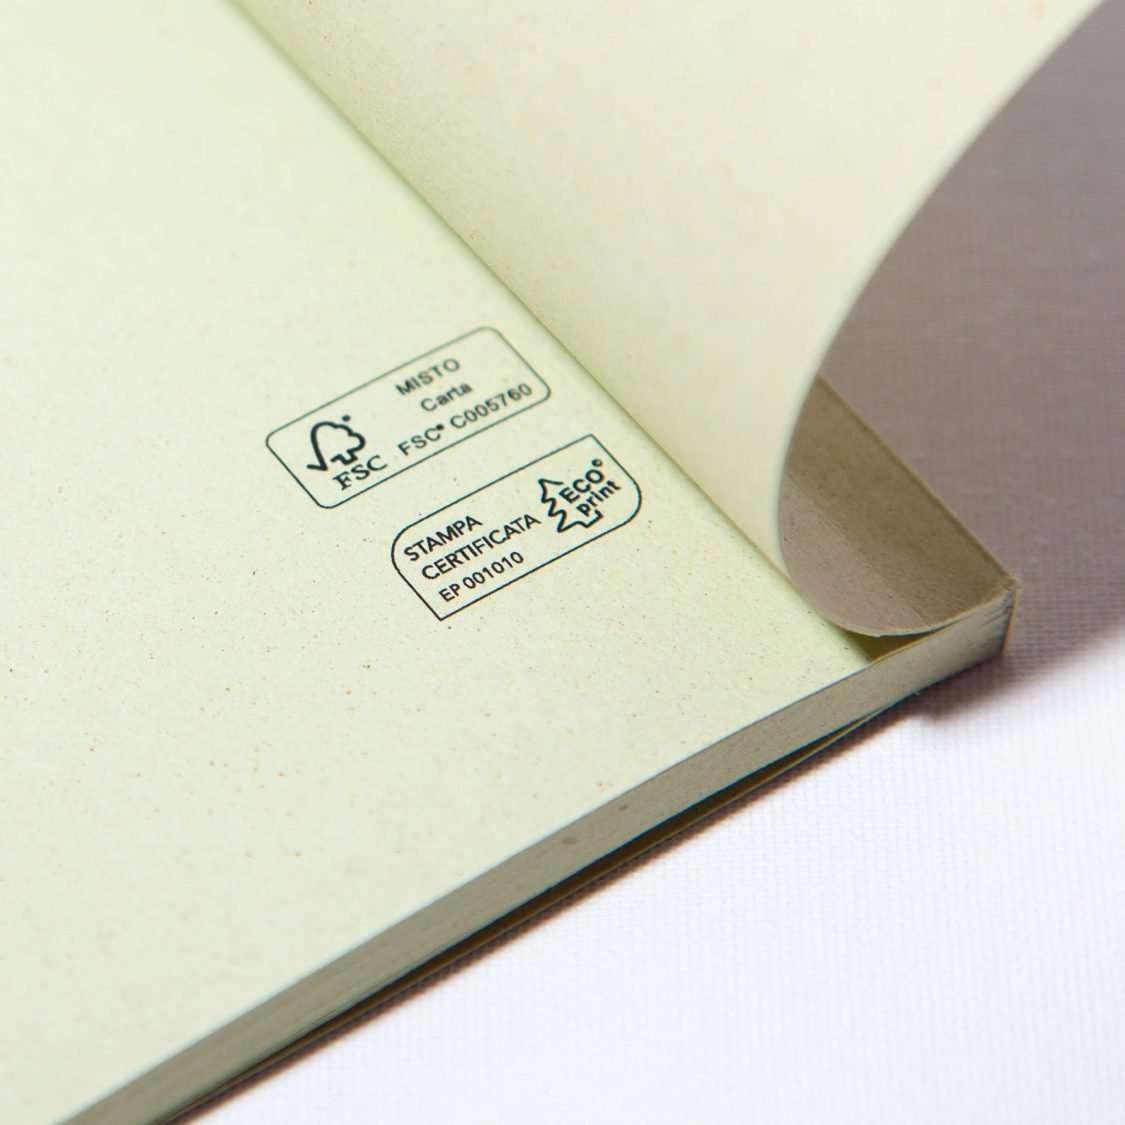 Quaderno ecologico certificato Fsc e EcoPrint